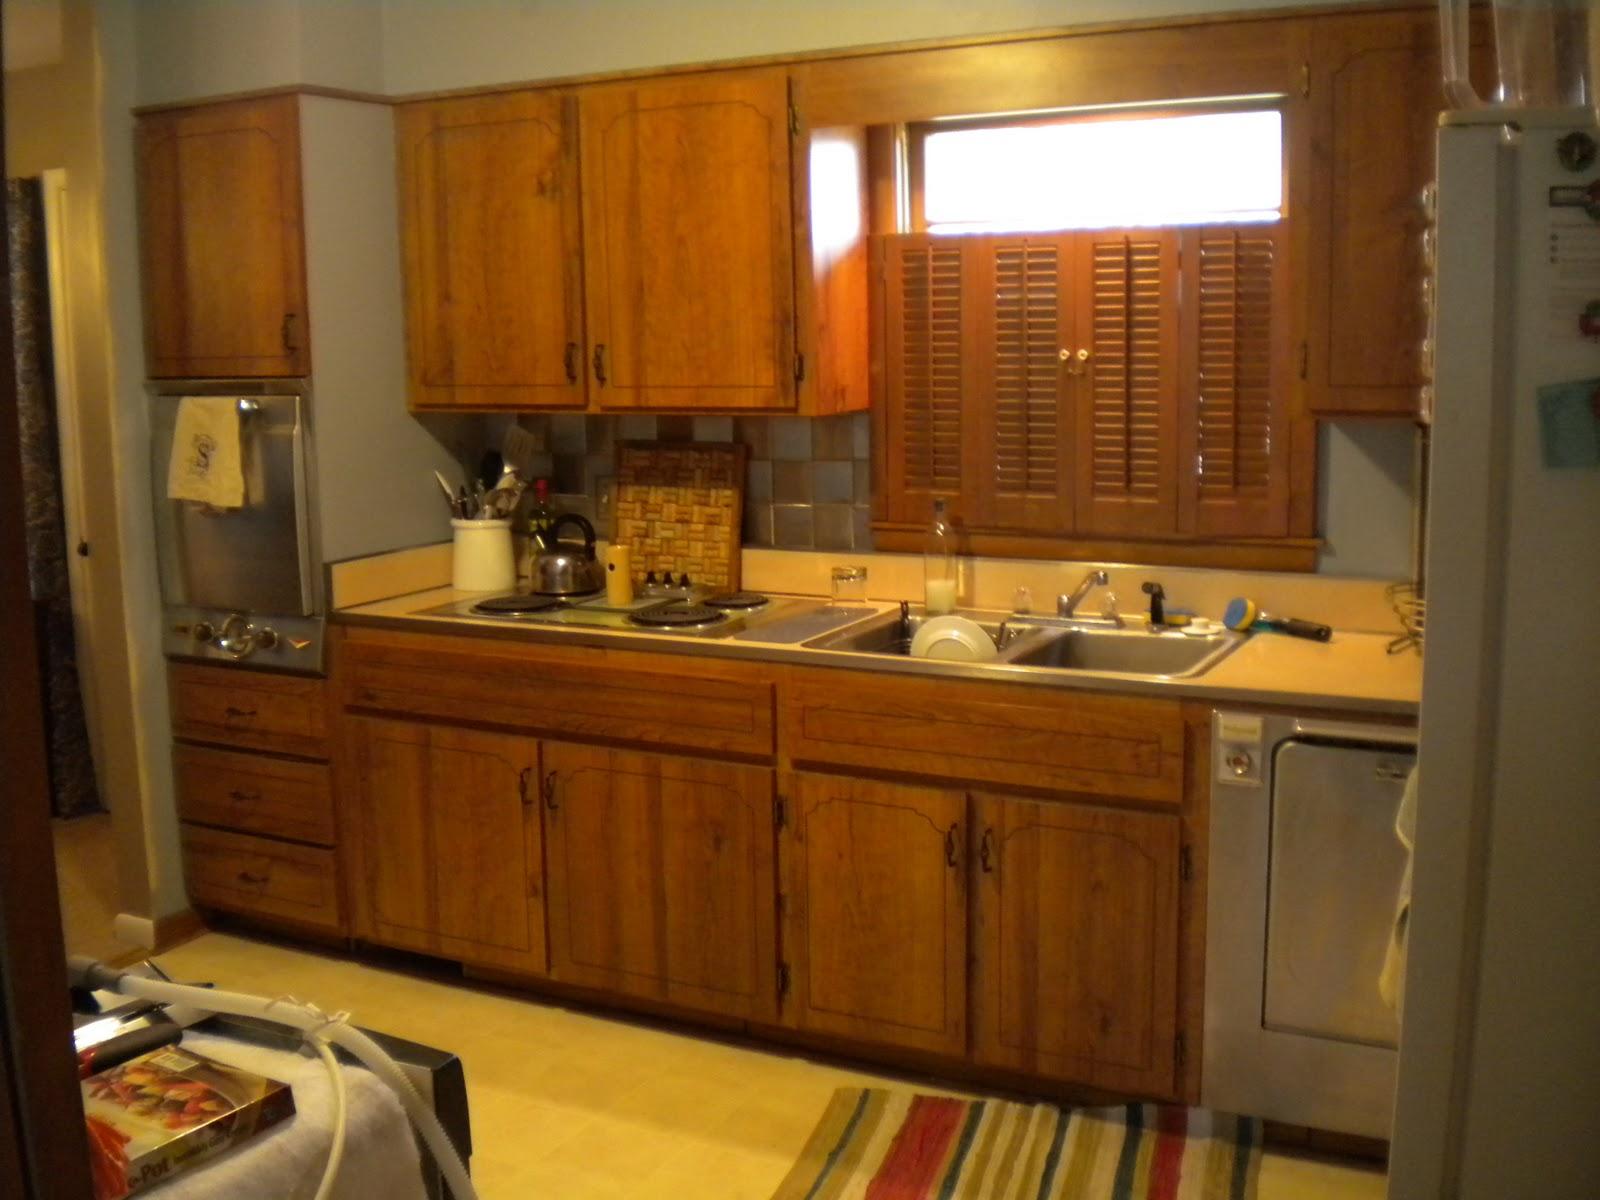 Remodelaholic Kitchen Redo With Dark Gray Cabinets White Subway Tile - Kitchens with dark gray cabinets